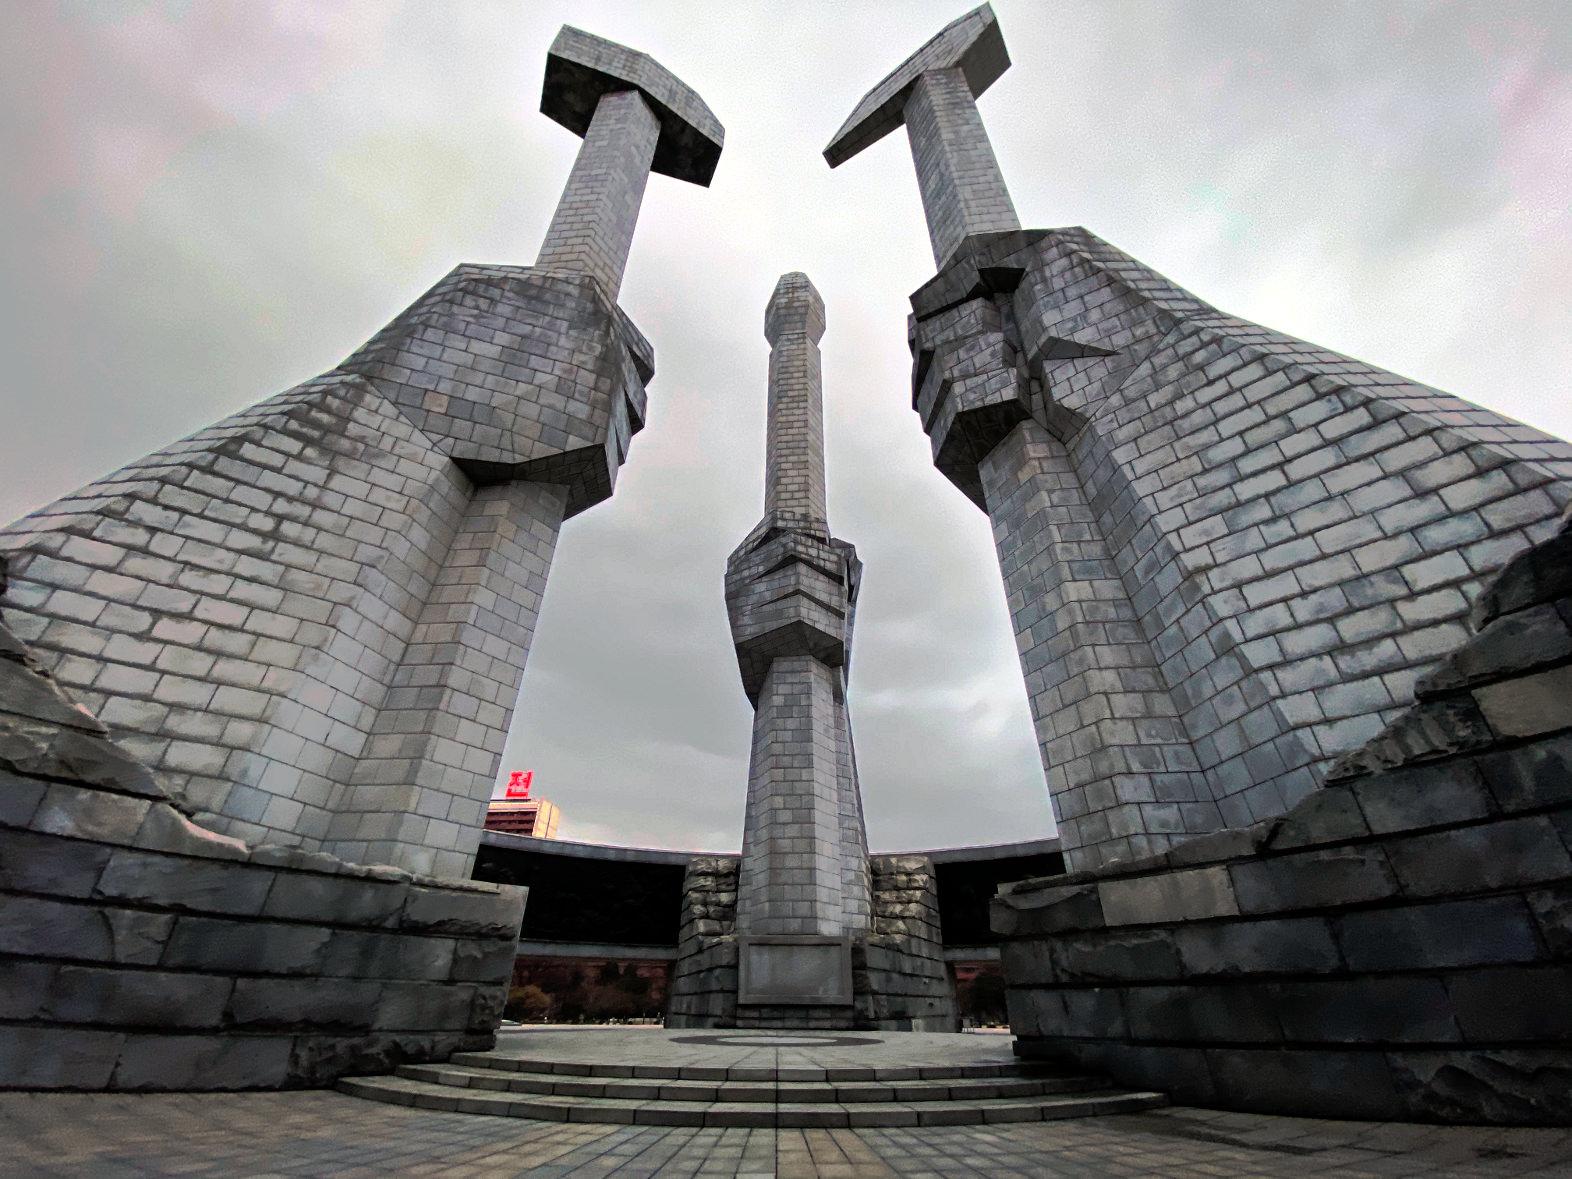 Monumento de la Fundación del Partido de los Trabajadores. Consiste del martillo, hoz y pincel. Viaje organizado por KTG